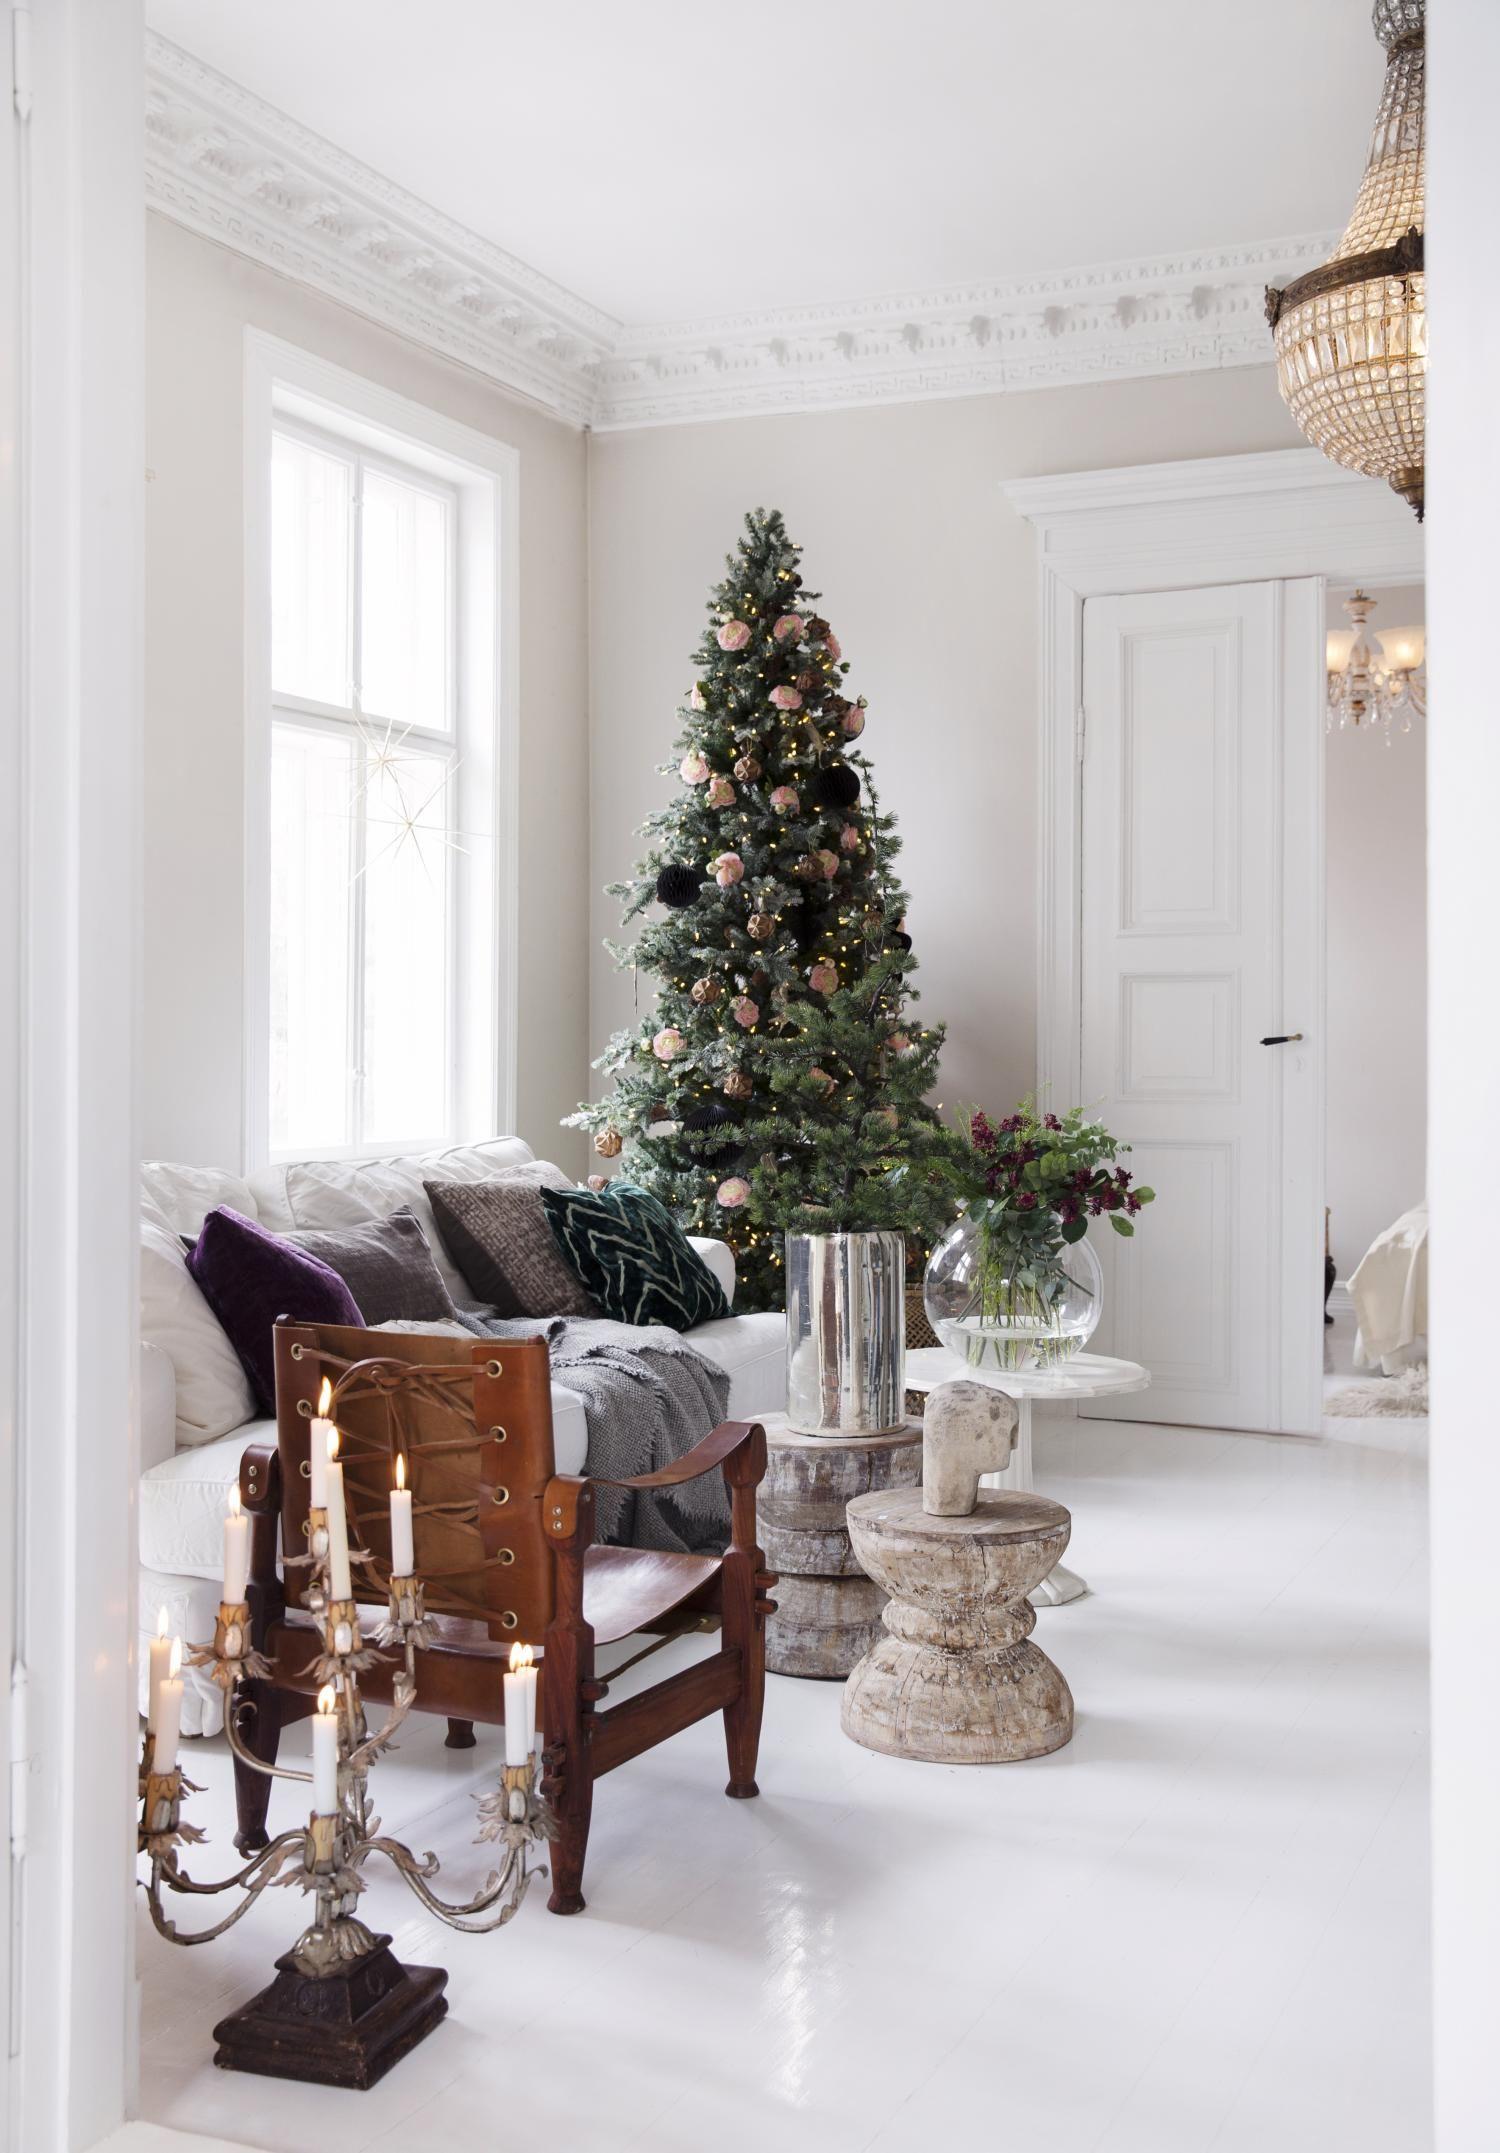 Ragne and Jørn christmas decor - Photo: Yvonne Wilhelmsen | home ...